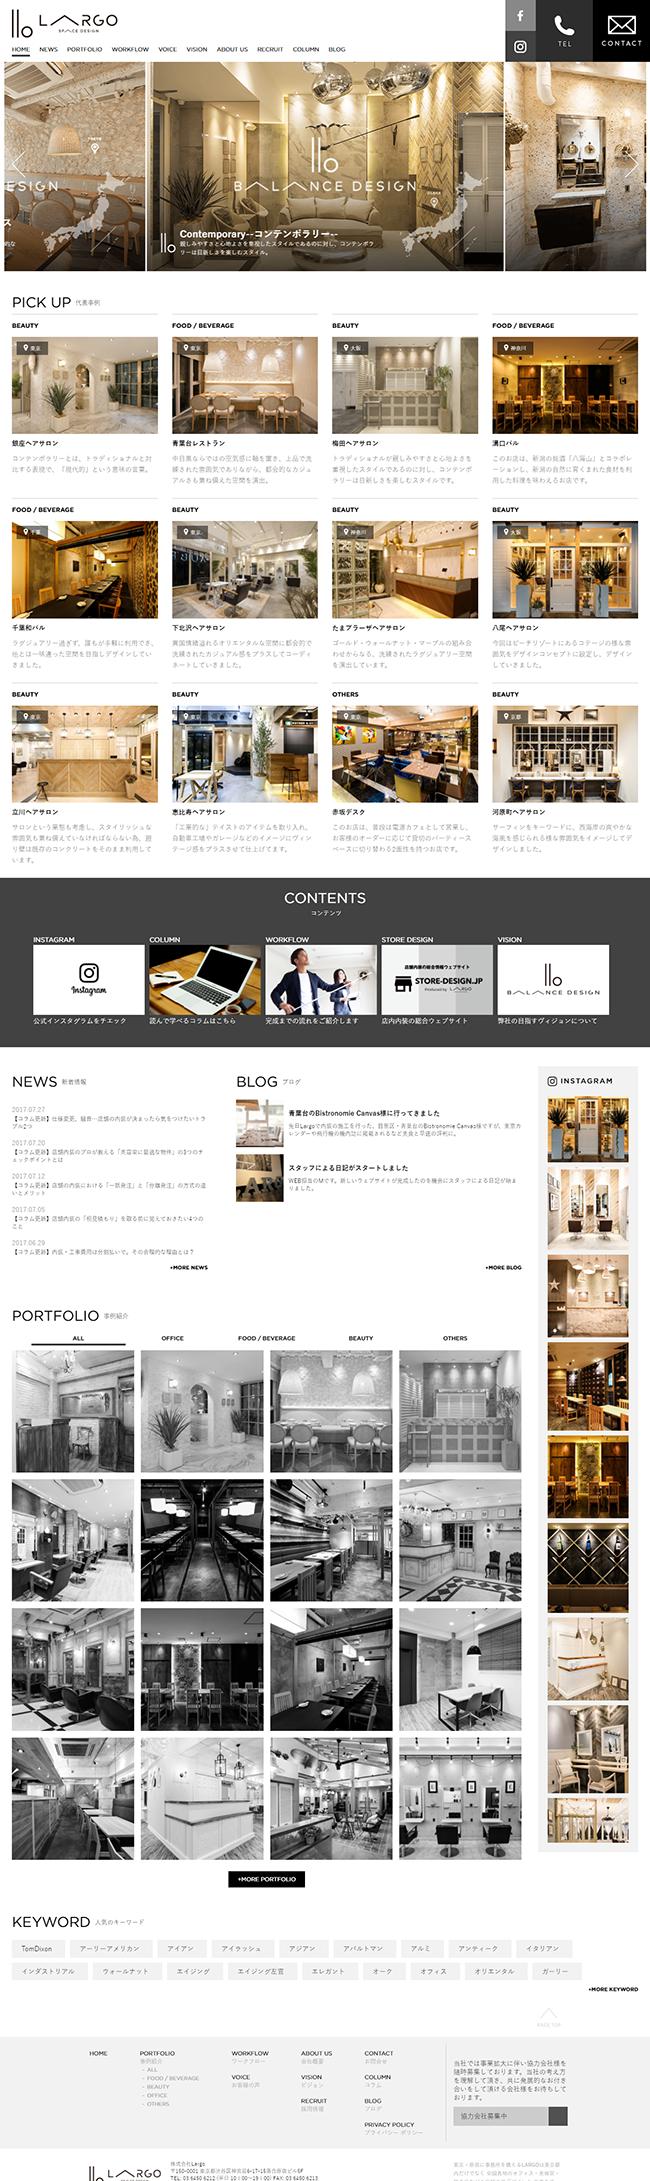 Mẫu thiết kế web giới thiệu bán hàng nội thất Largo